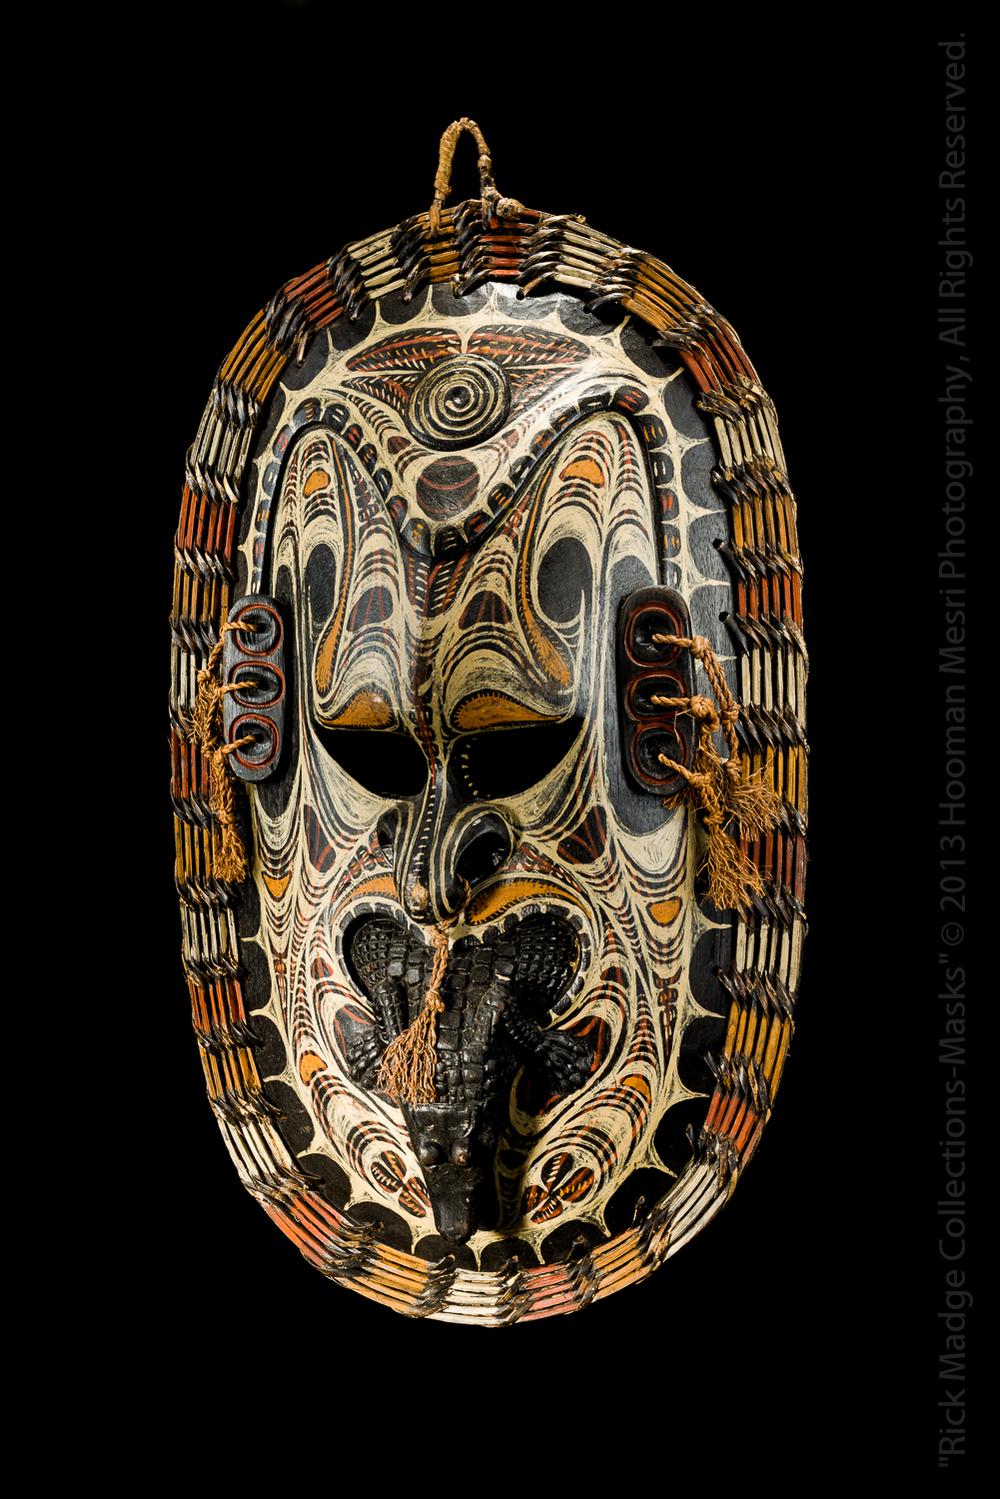 Mask 18-Demons mask 2 after HF.jpg